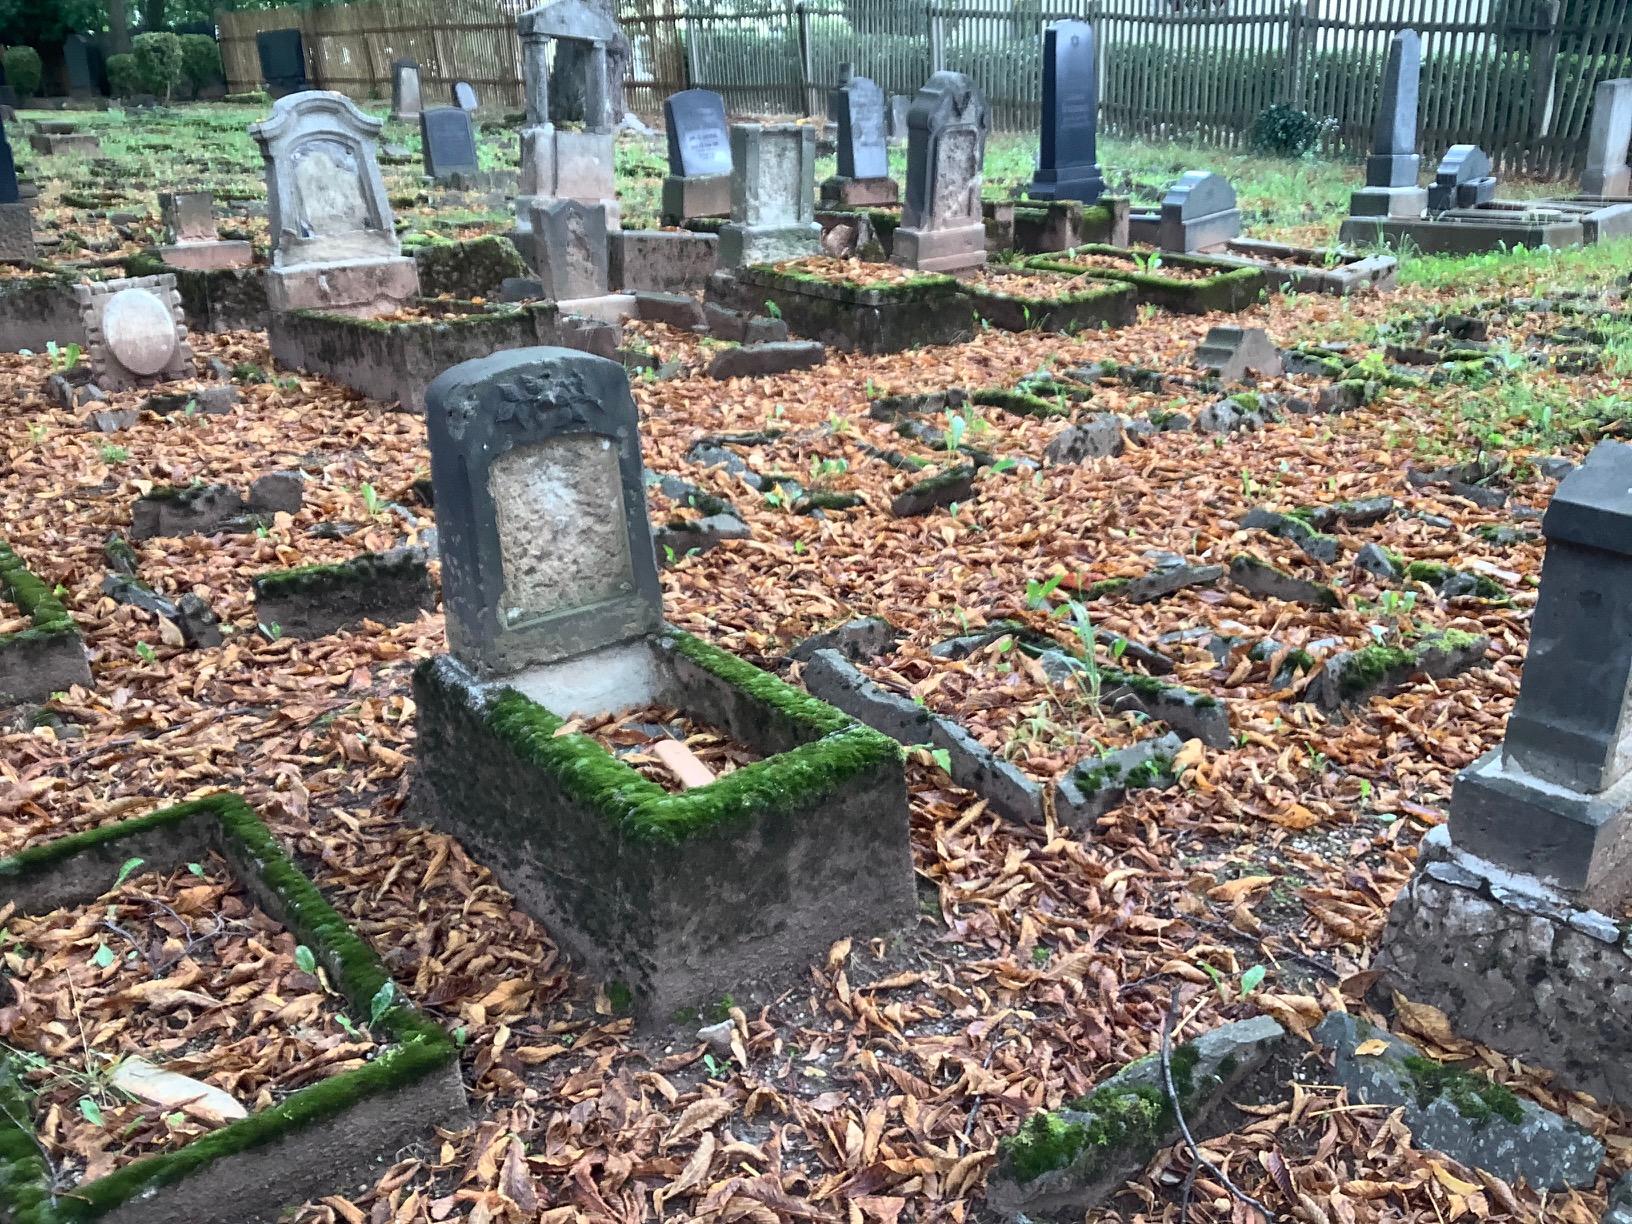 Grüne Mandatsträger des Erzgebirgskreises beteiligen sich an Spendenaktion zur Restaurierung jüdischer Grabmale in Chemnitz  – Wachsendem Antisemitismus muss entschieden entgegen getreten werden